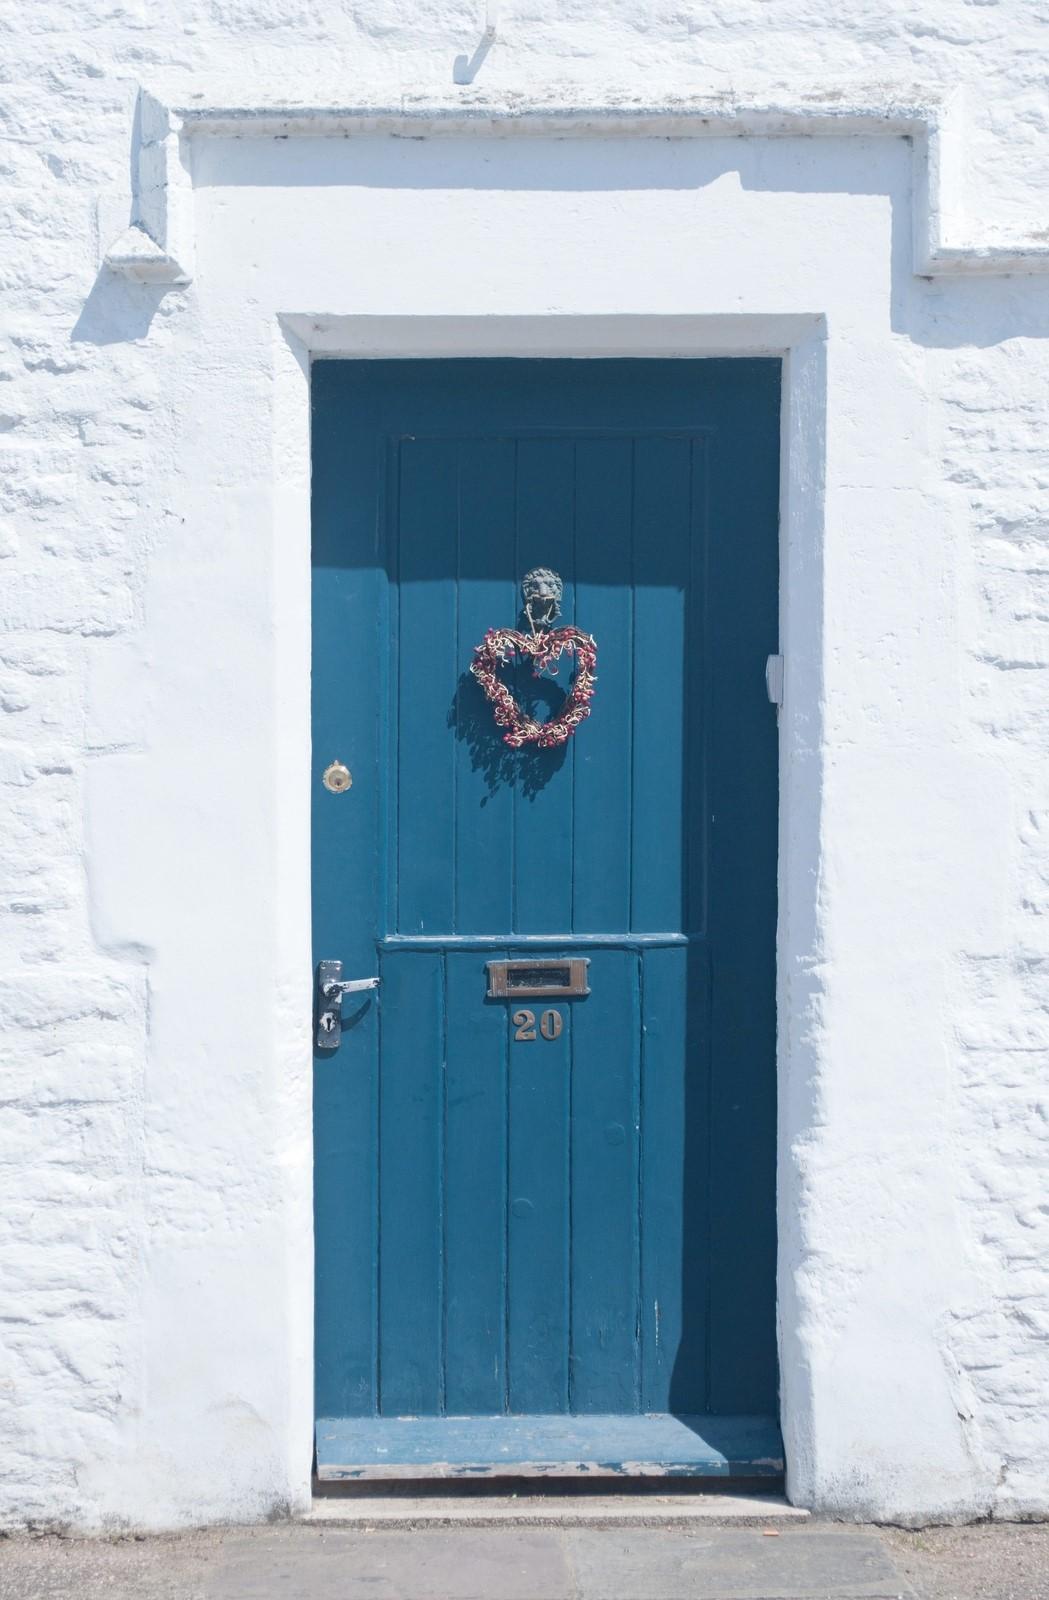 モロッコの観光で世界遺産を巡る!名所スポットやベストシーズンも紹介!